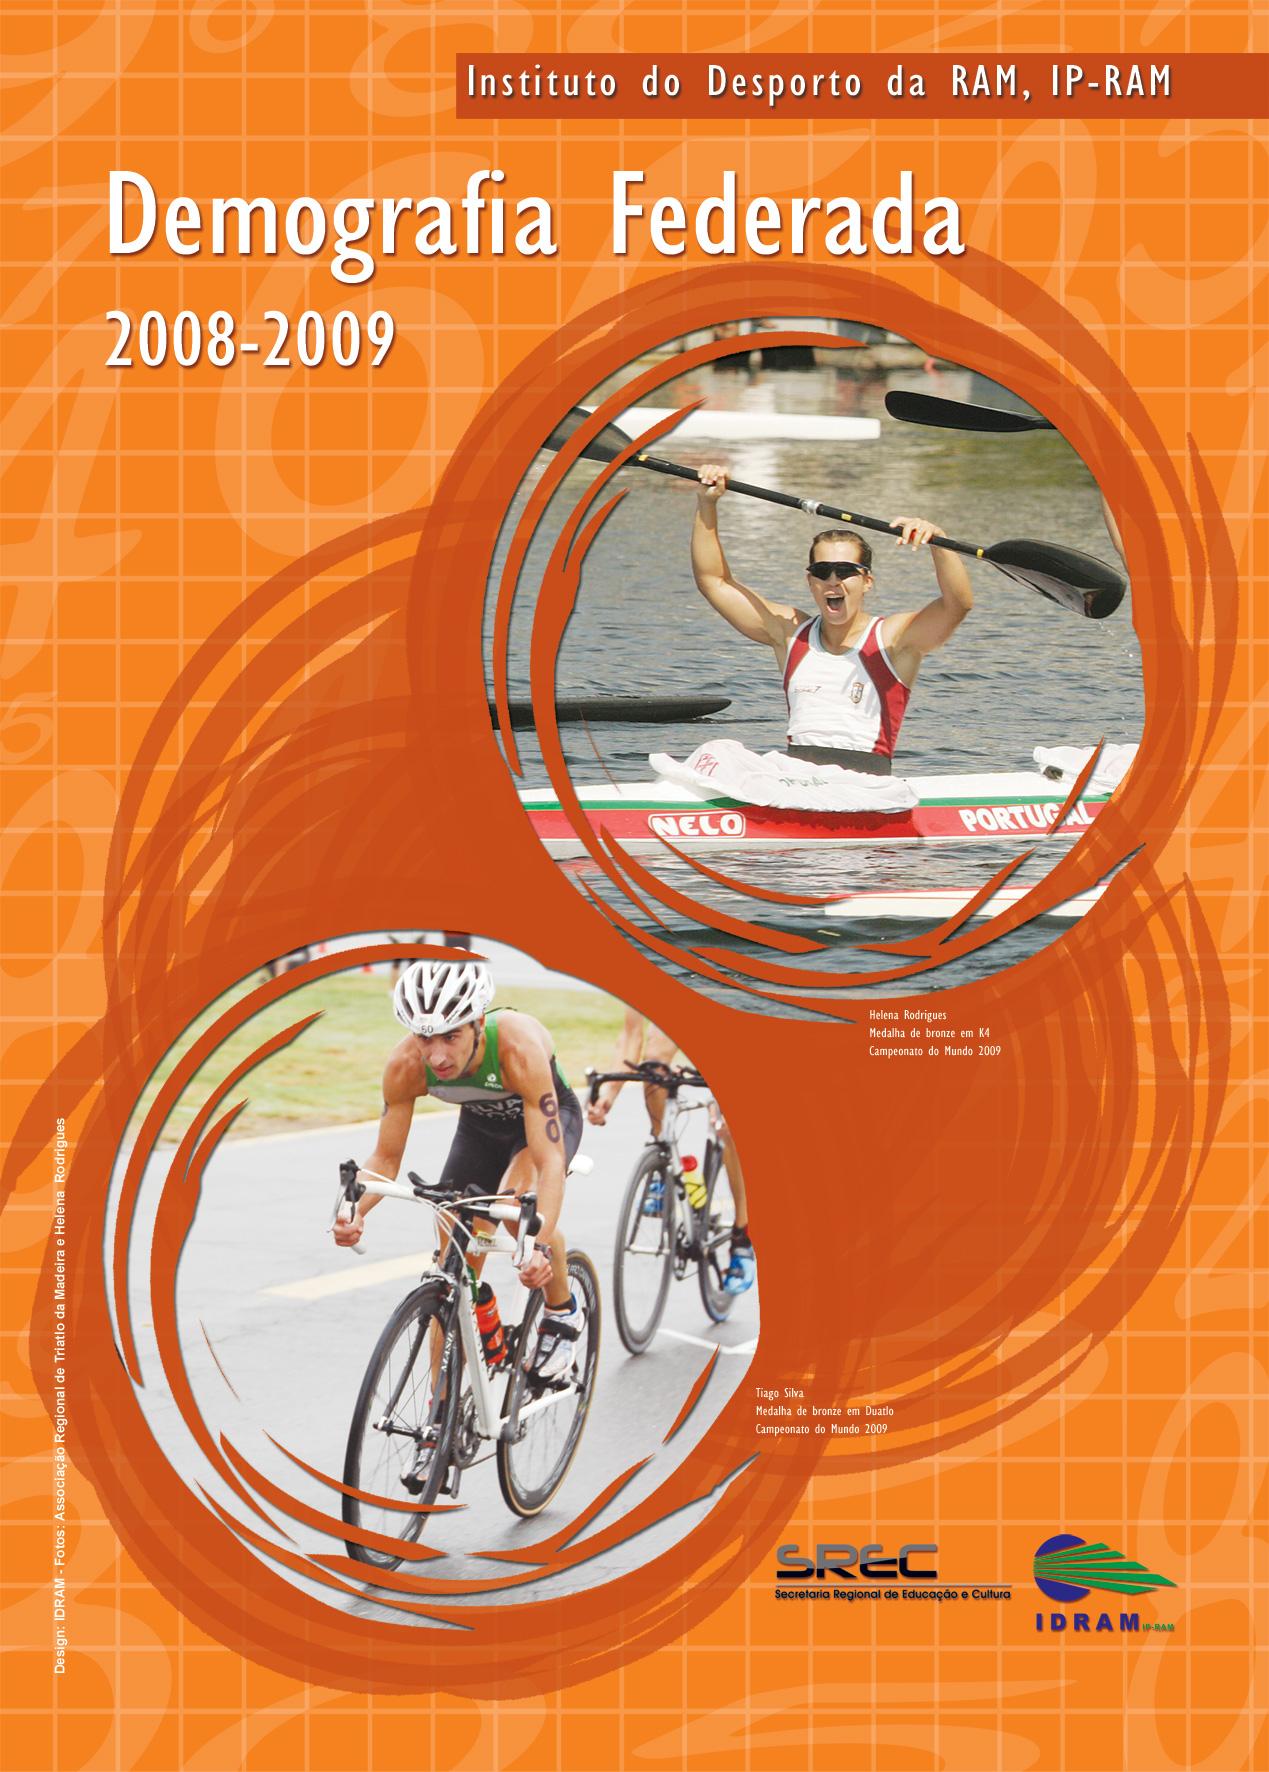 Demografia Federada 2008/2009